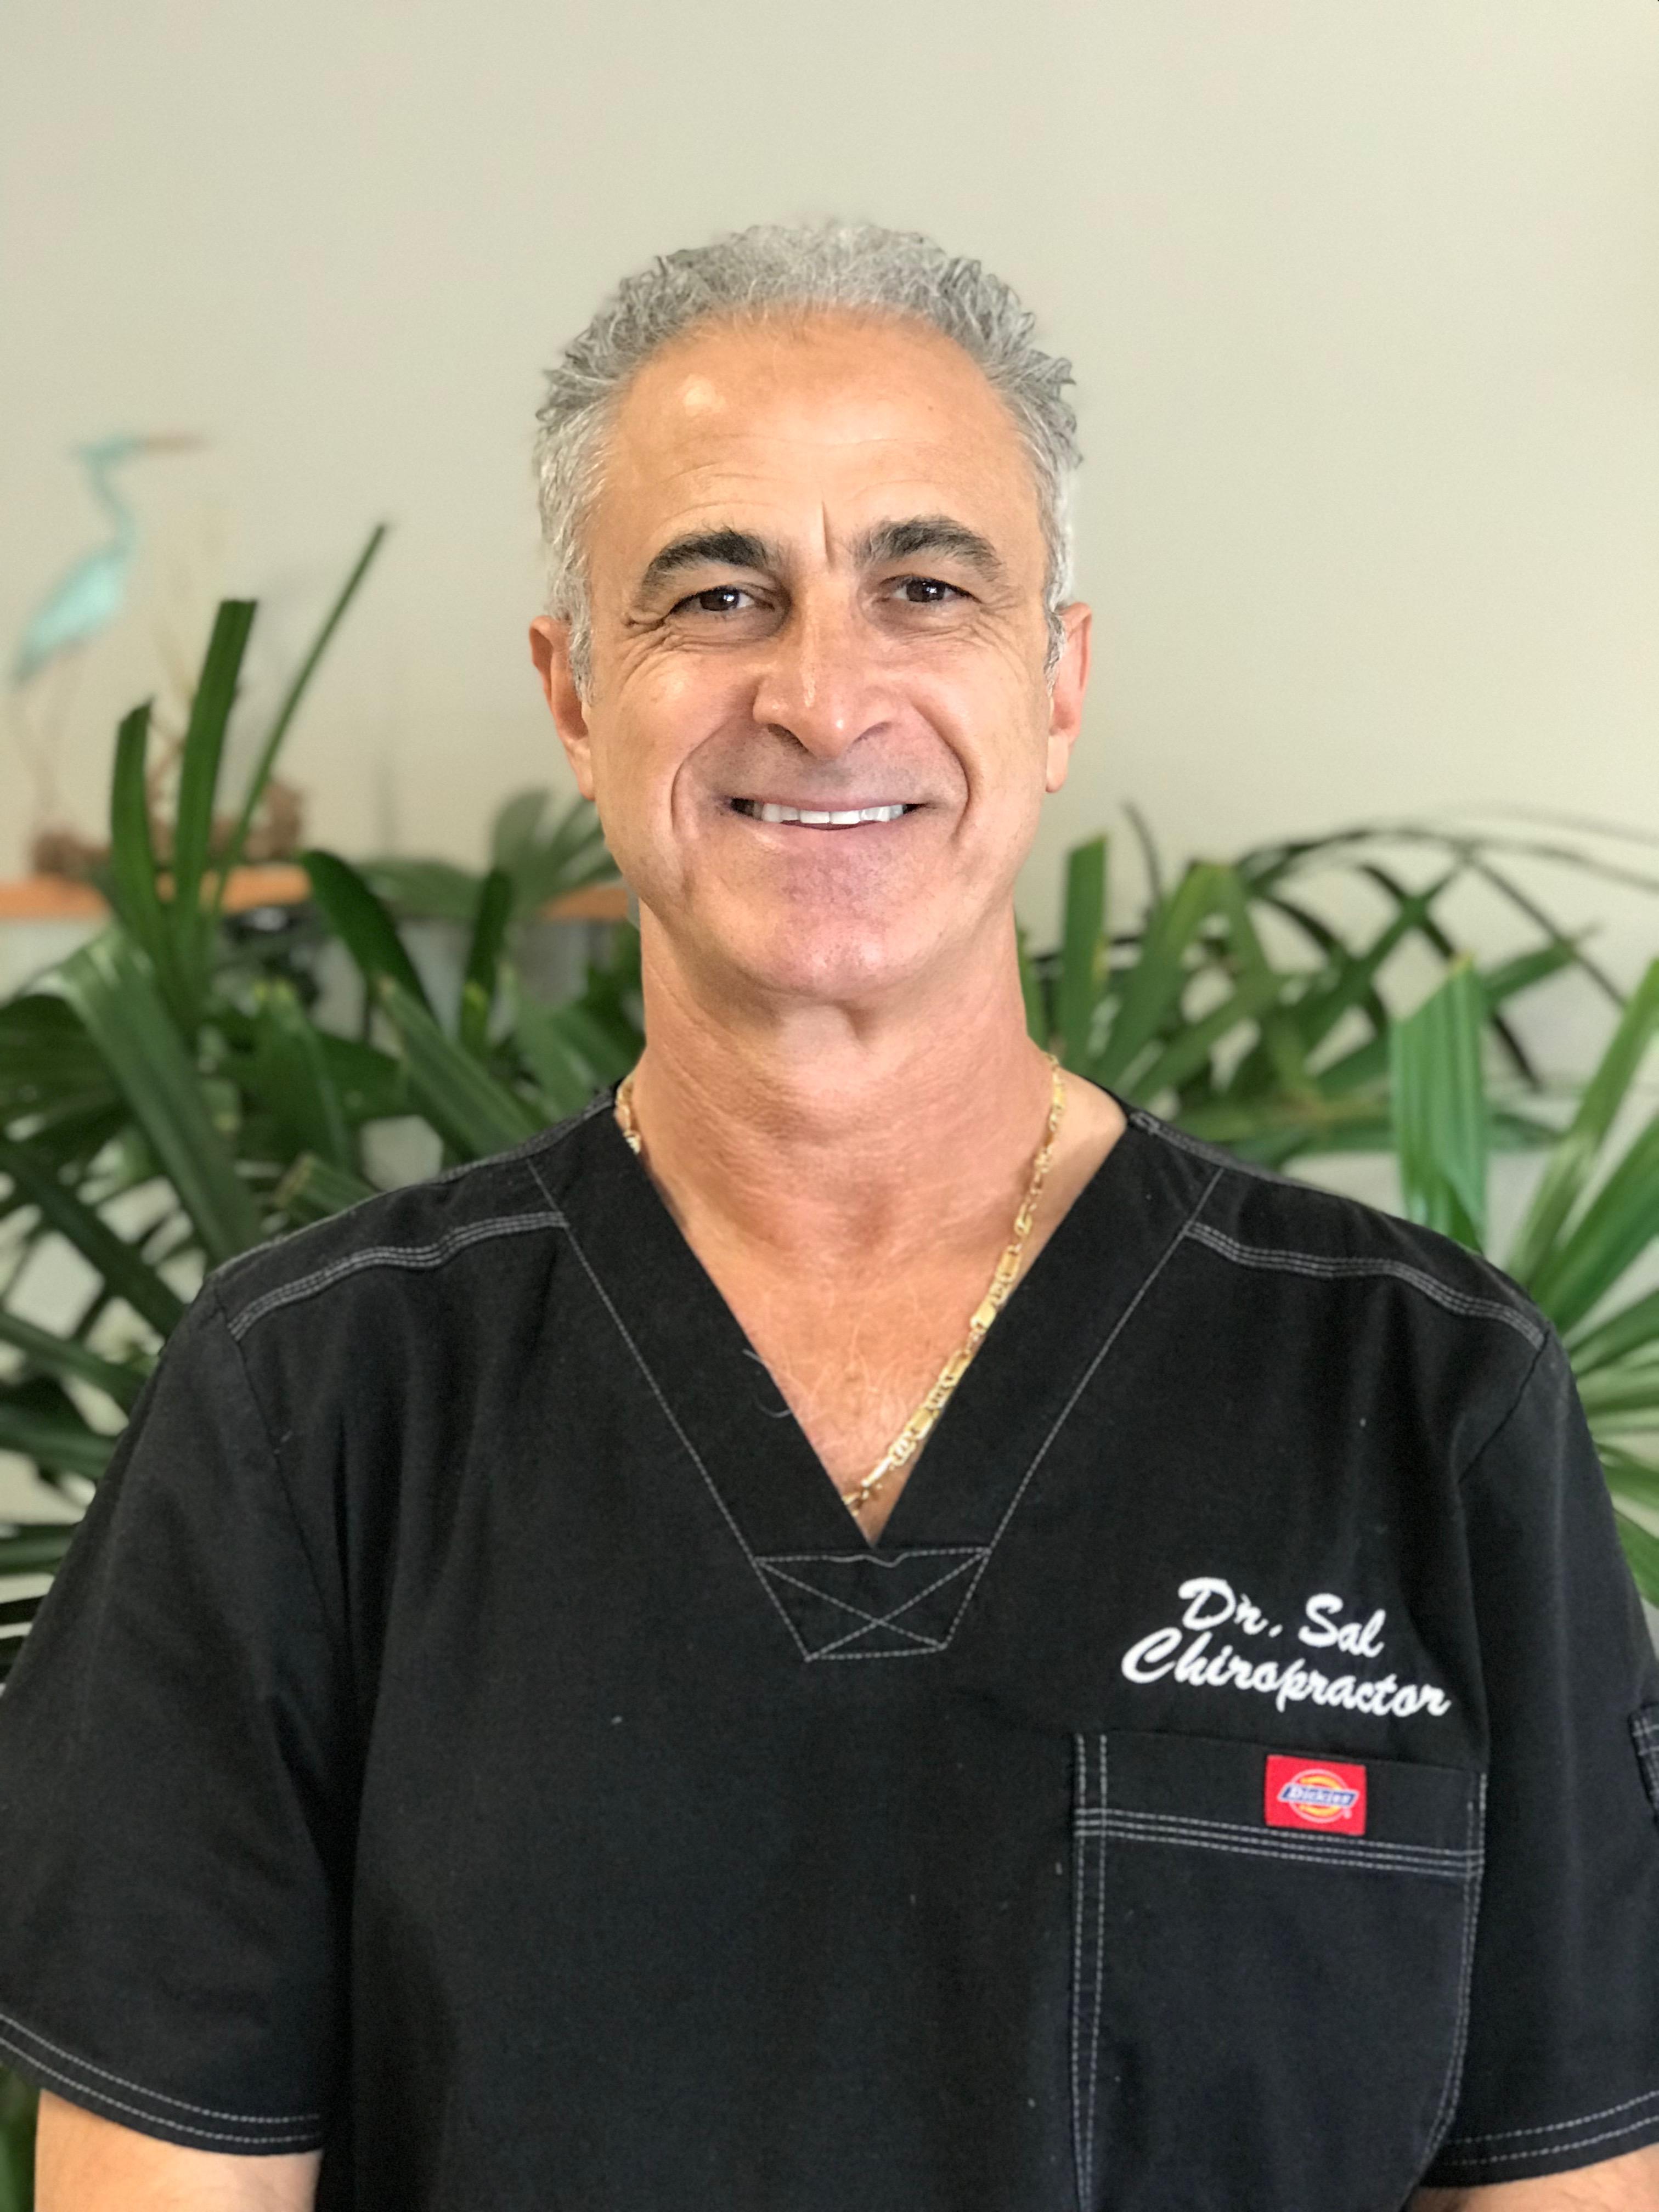 Dr. Sayel Fakhoury